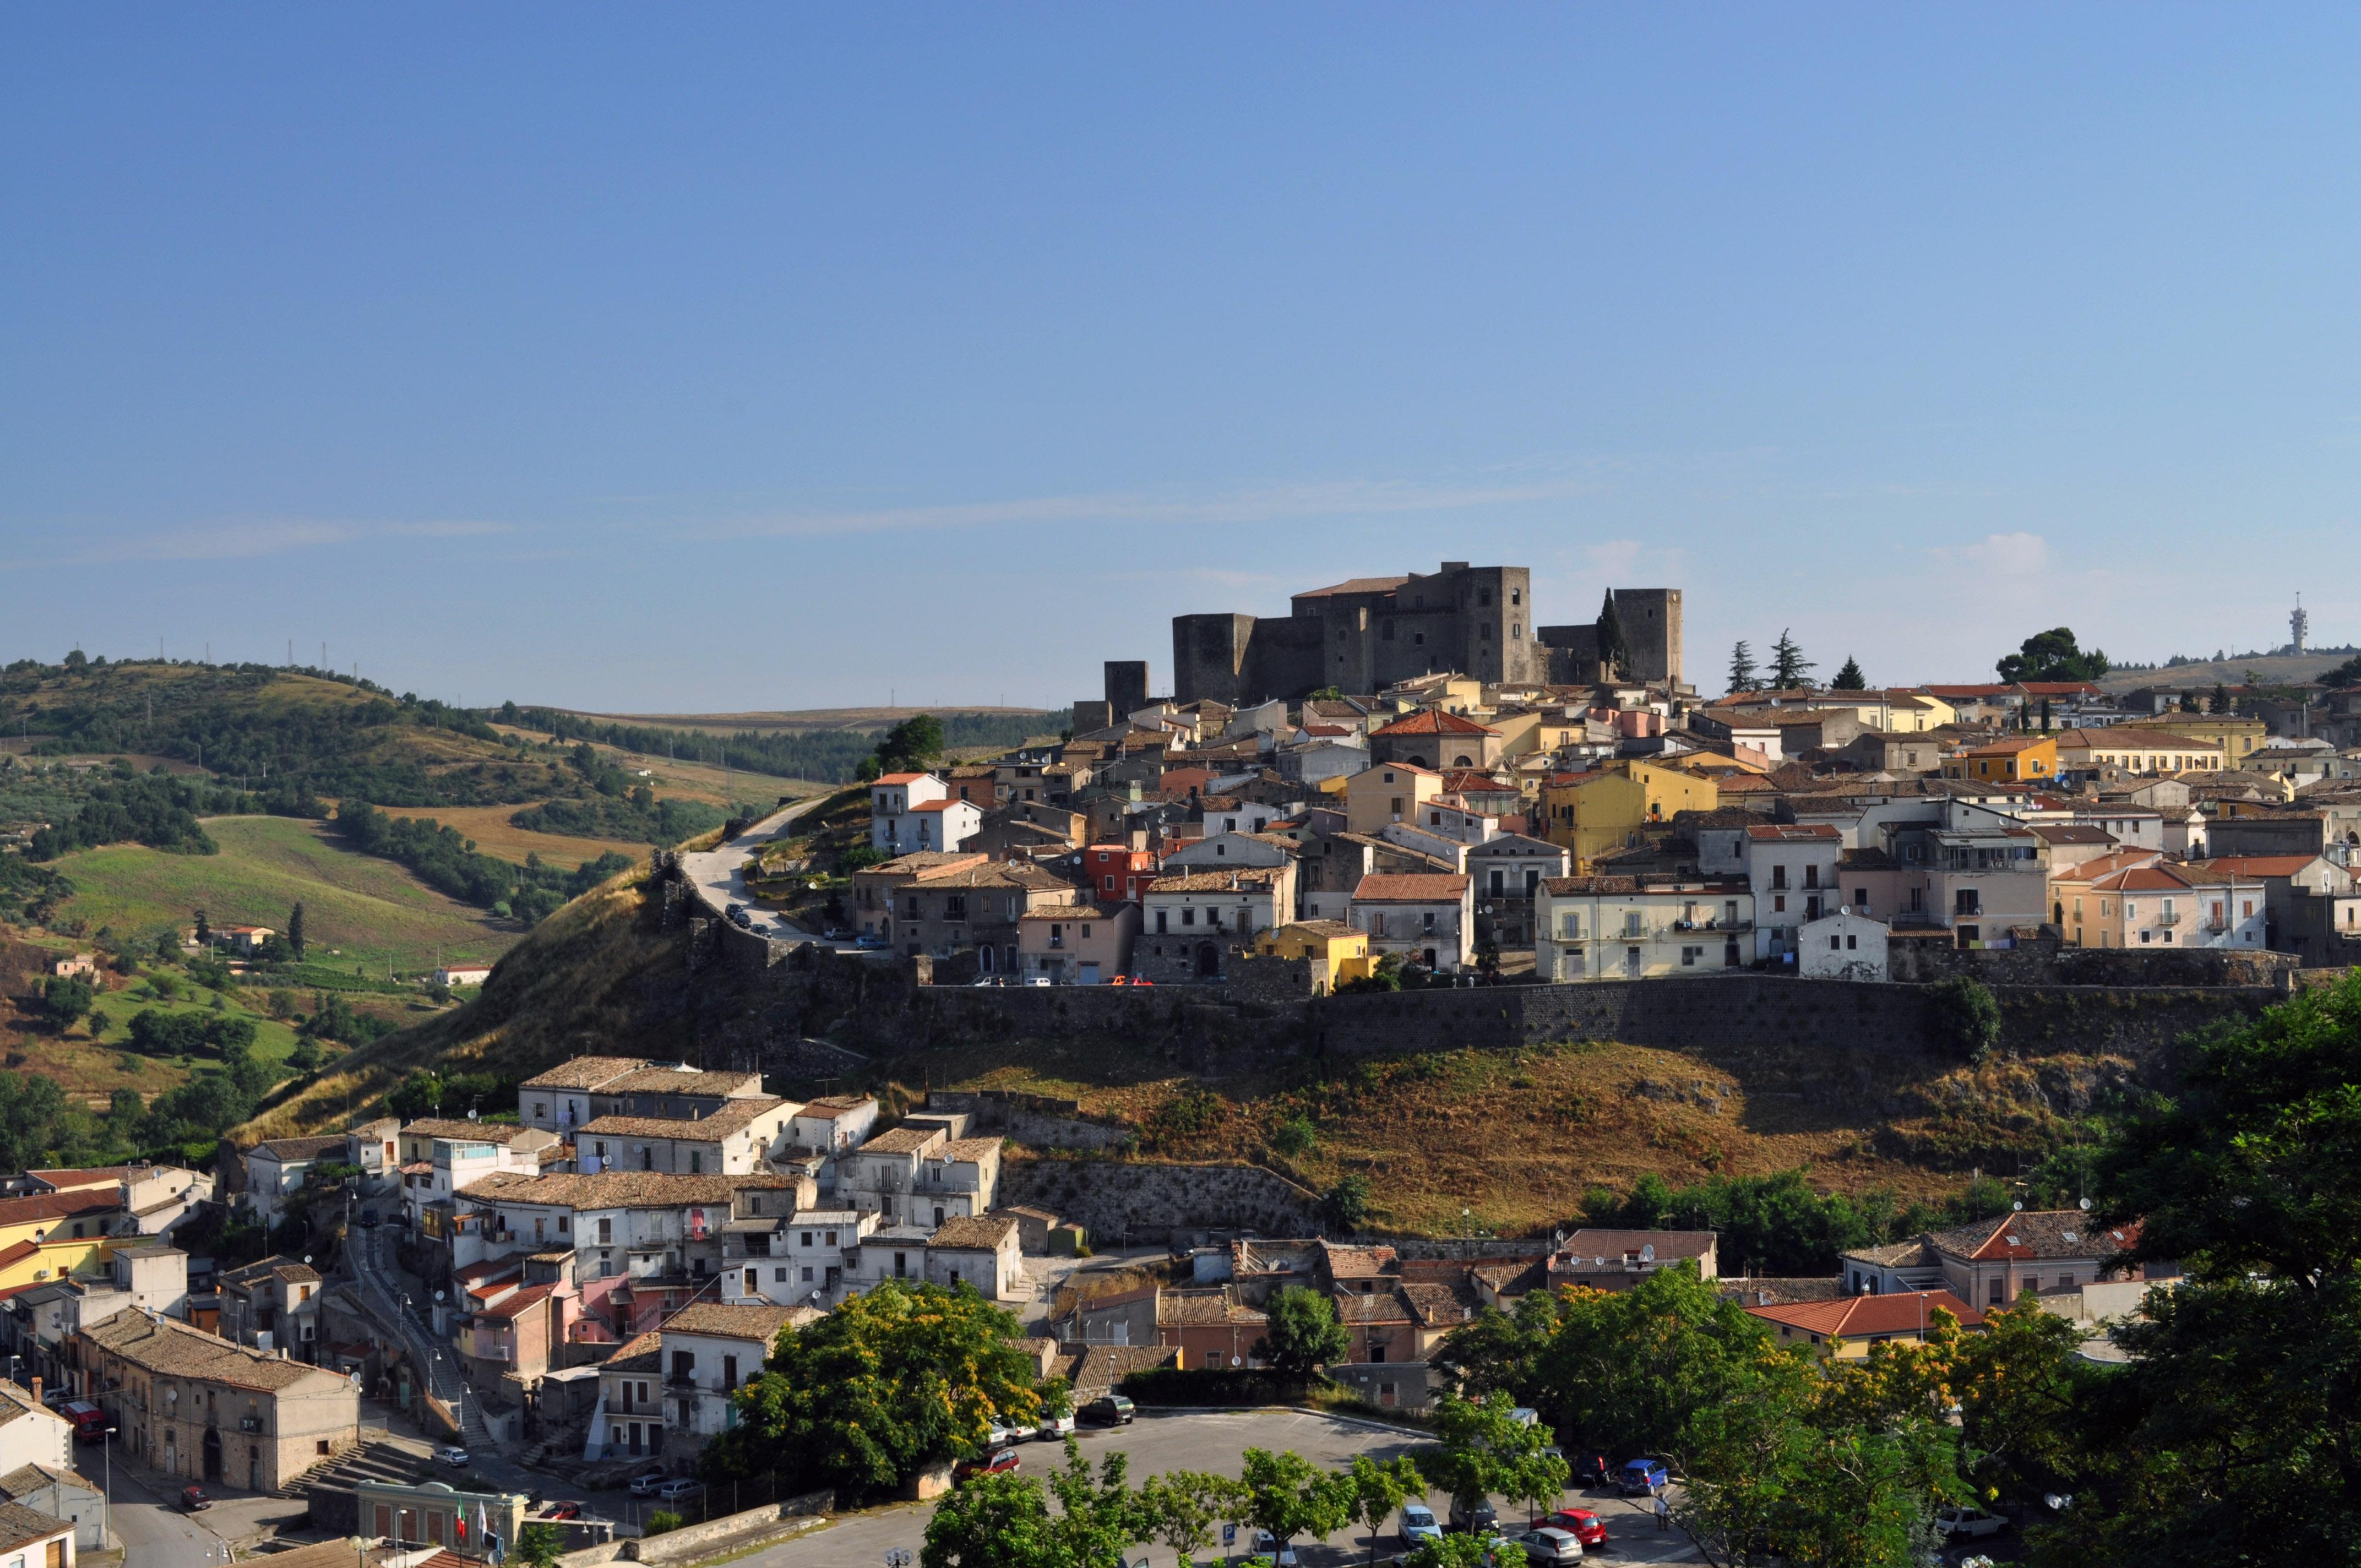 Vista del centro antico di Melfi, dominato dal Castello federiciano.